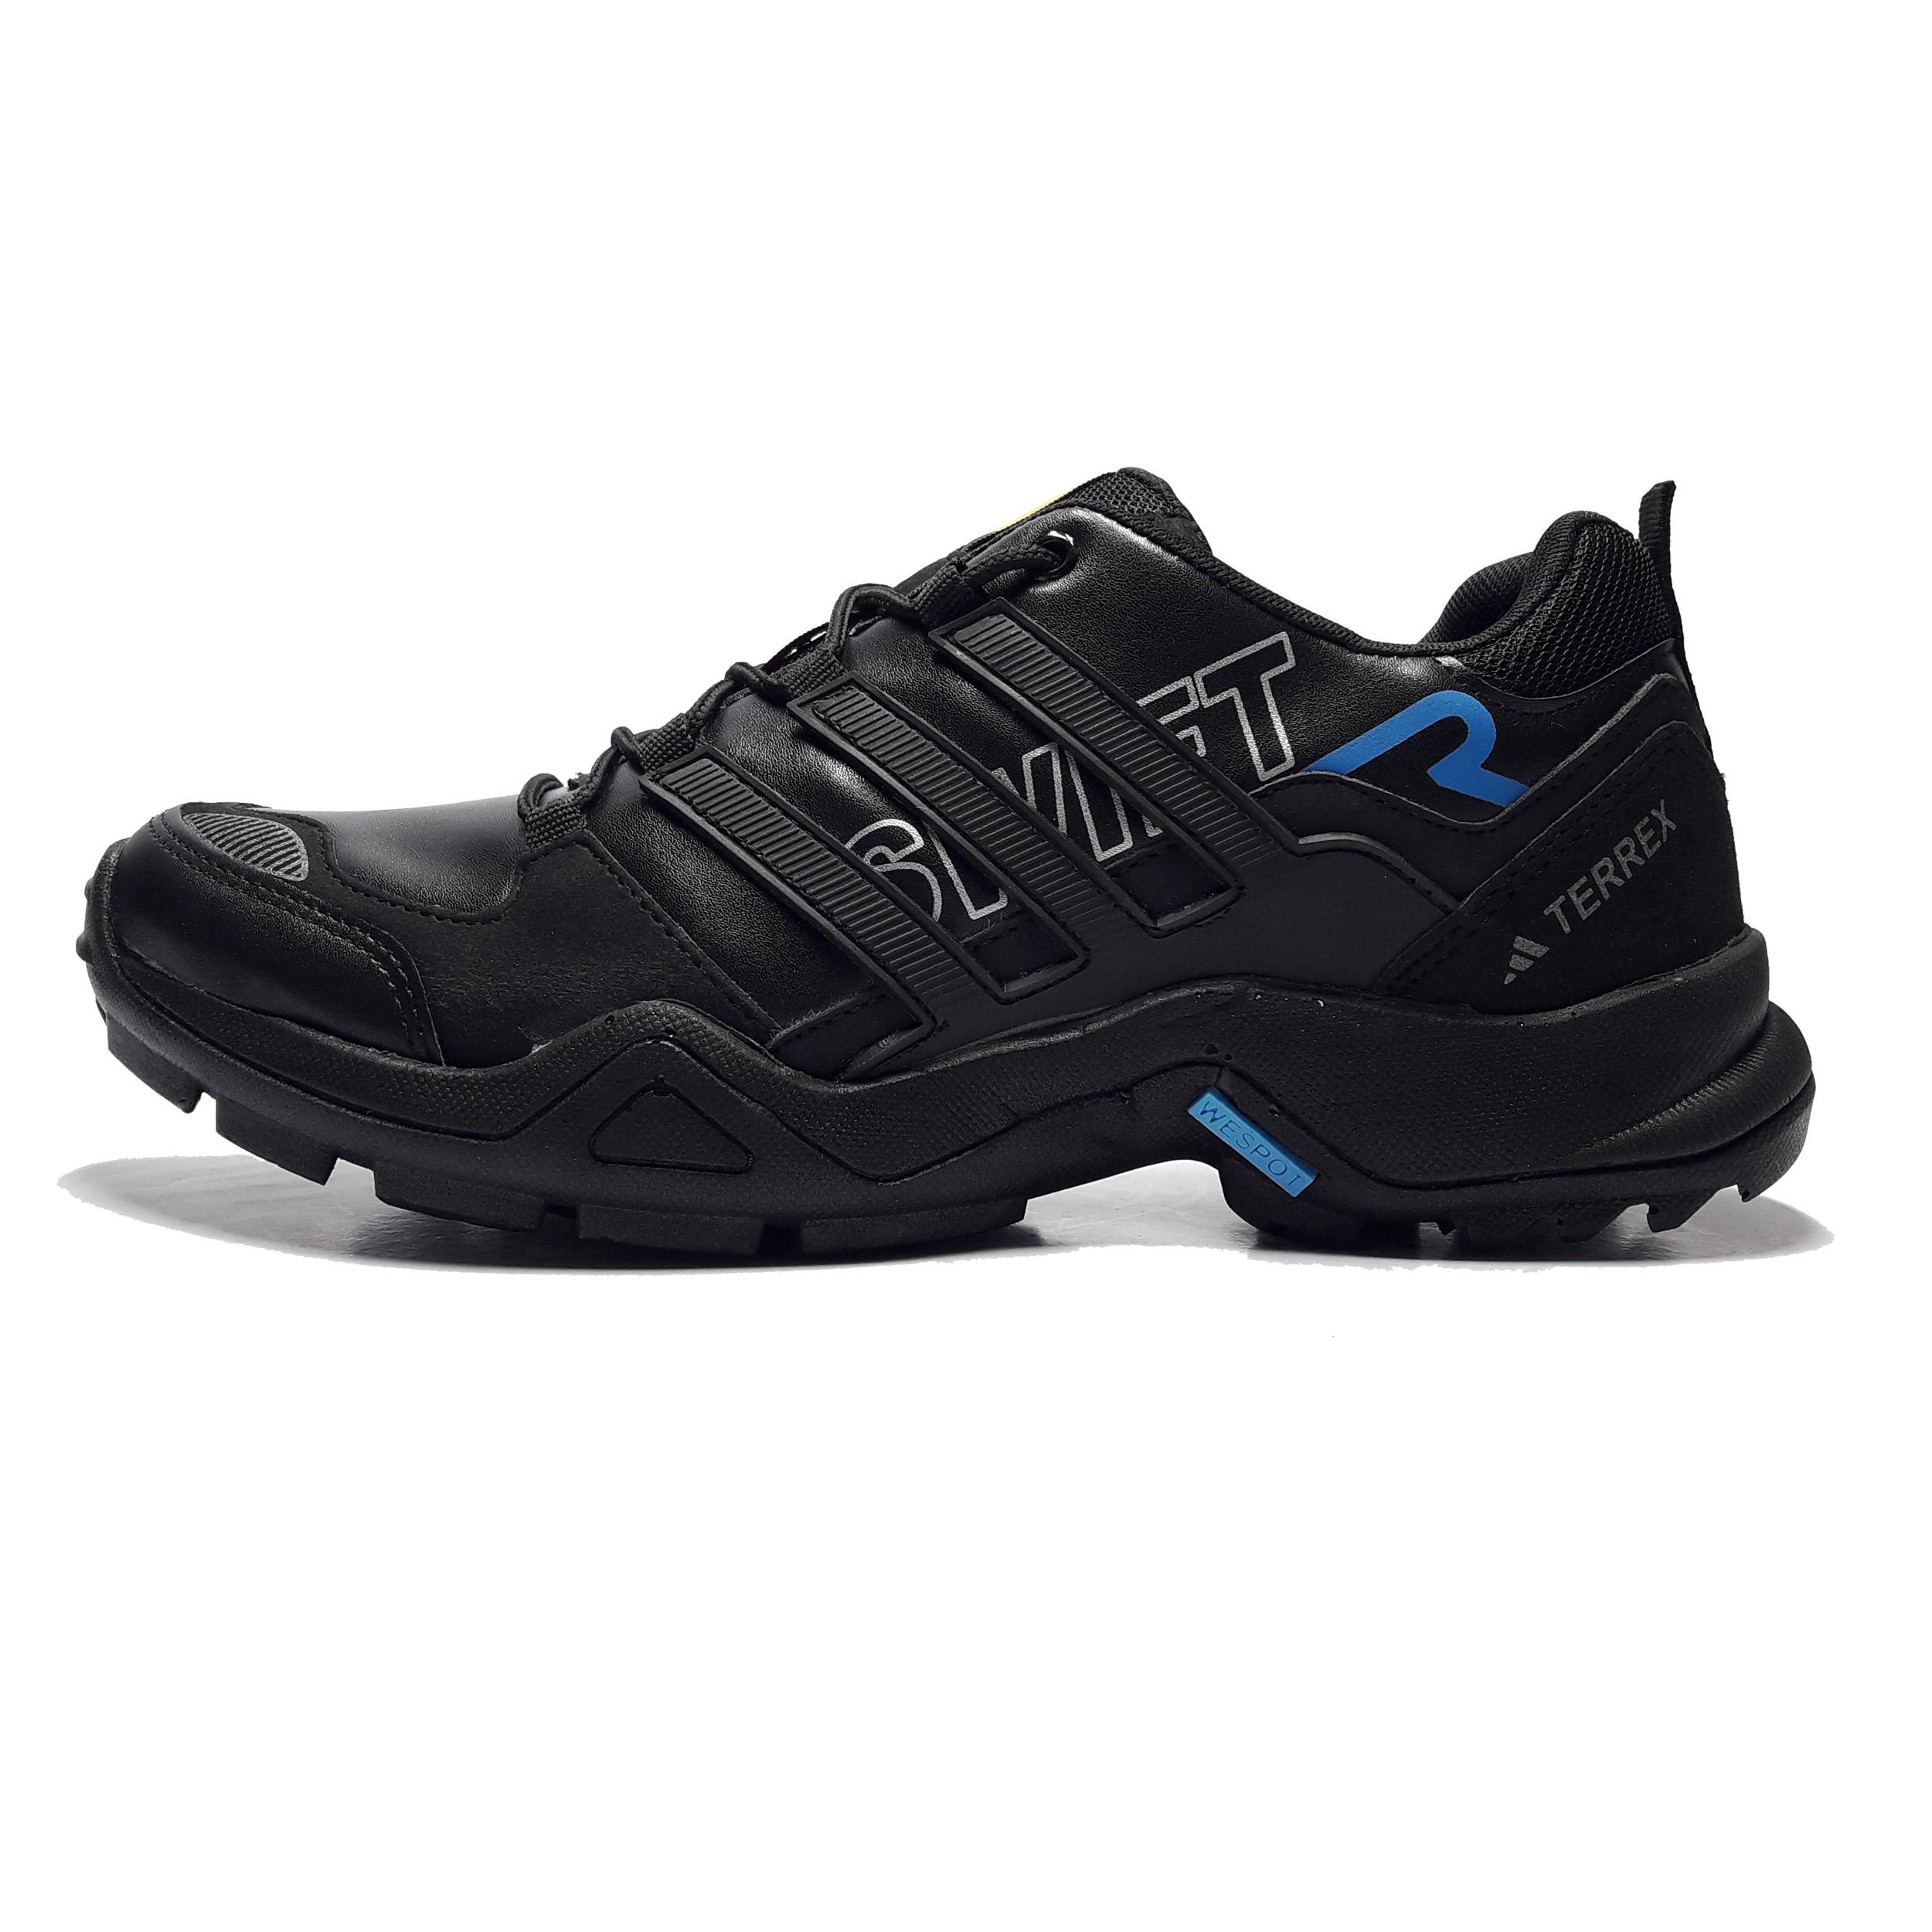 کفش کوهنوردی مردانه مدل SWIFT کد 222 غیر اصل